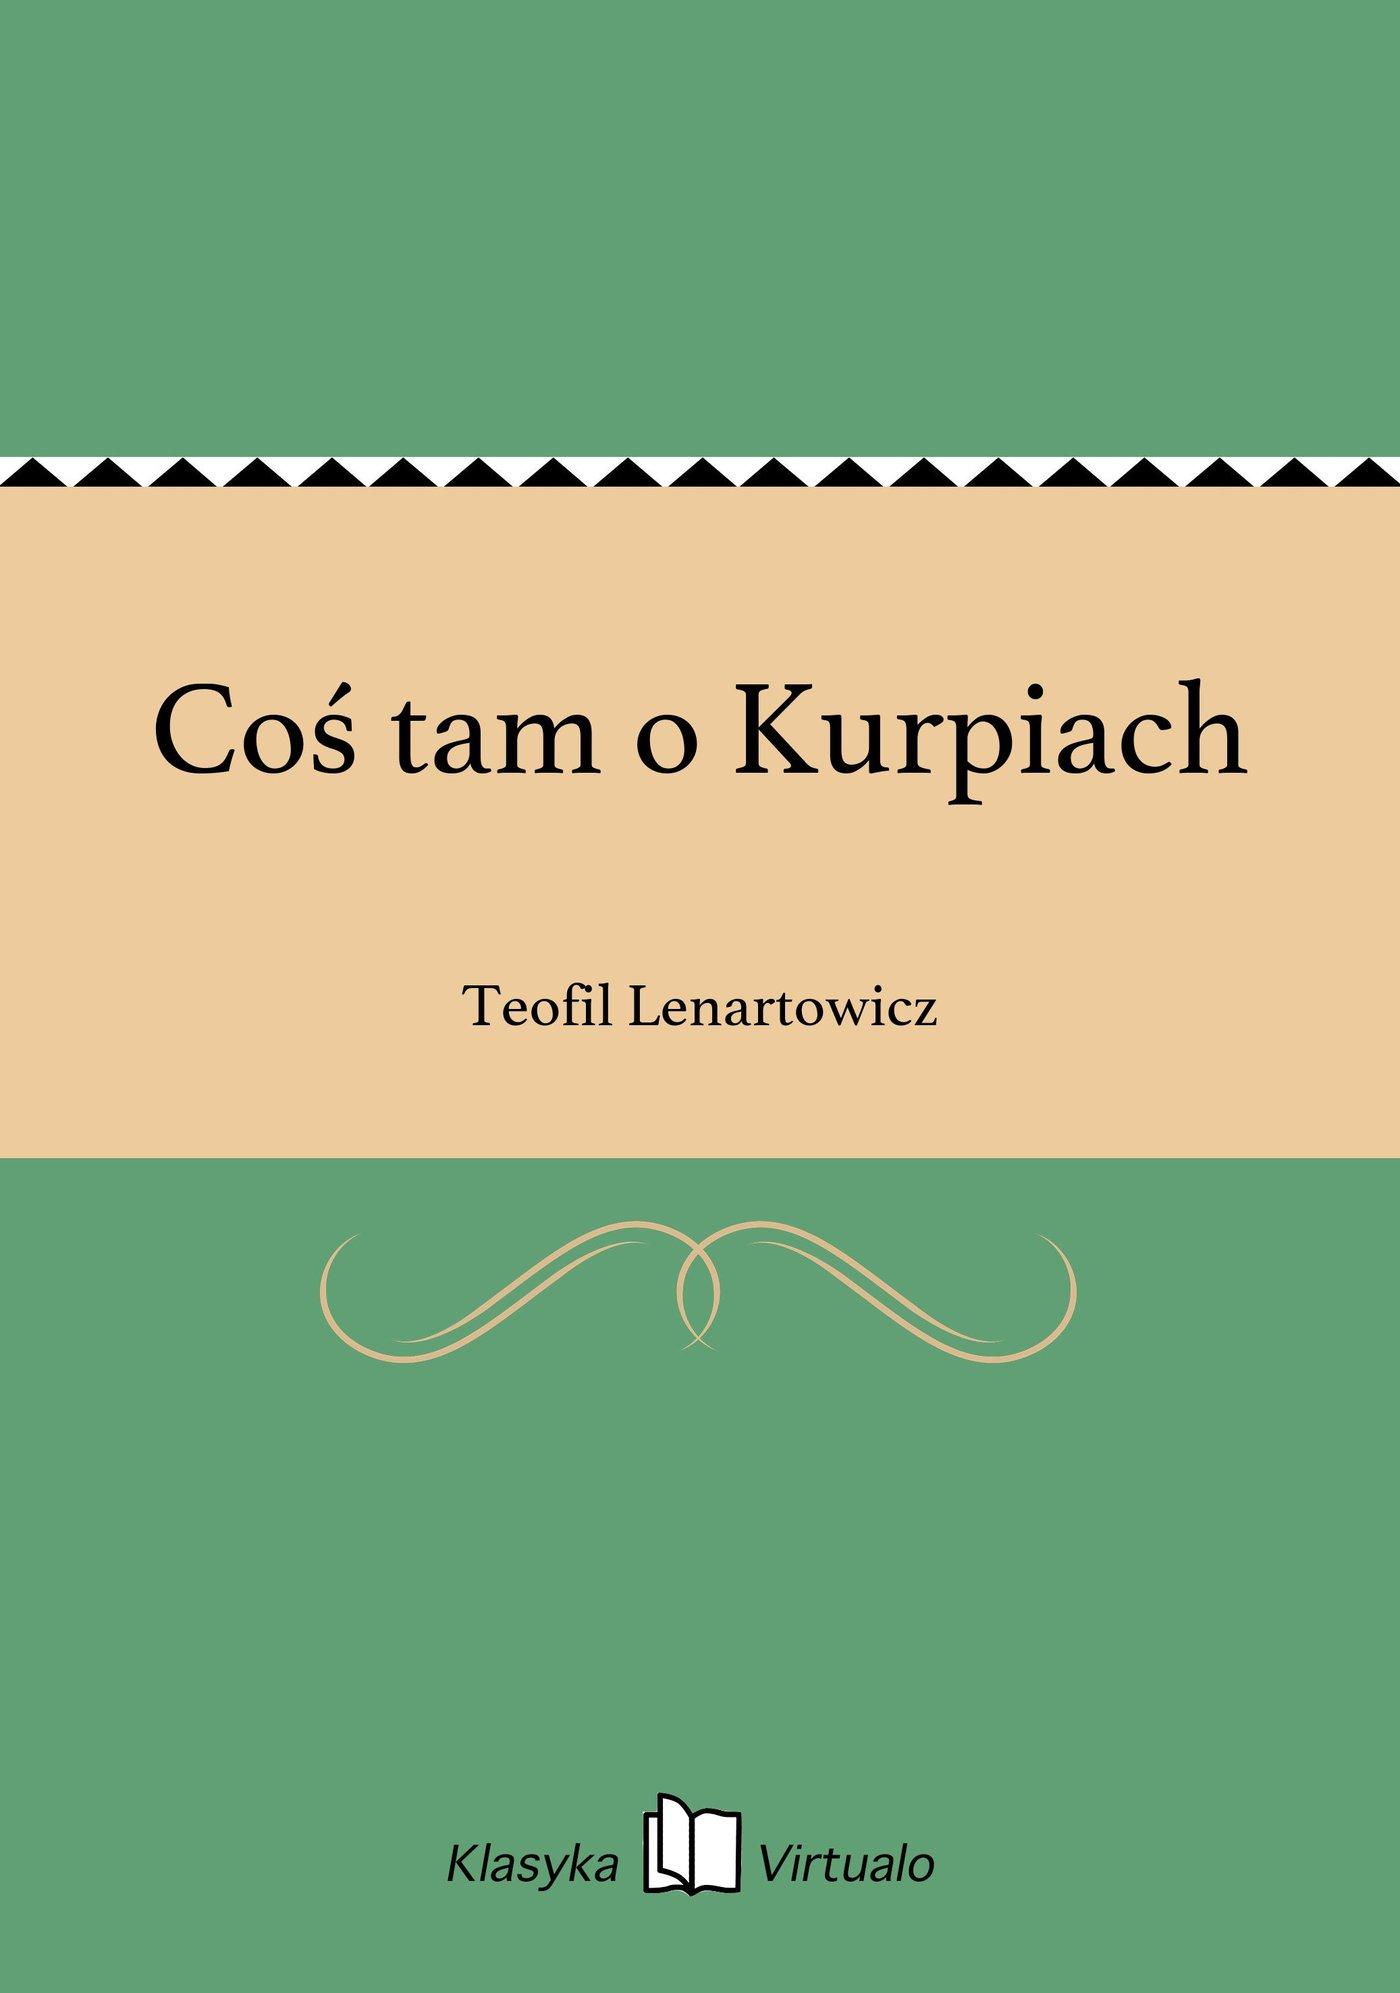 Coś tam o Kurpiach - Ebook (Książka EPUB) do pobrania w formacie EPUB